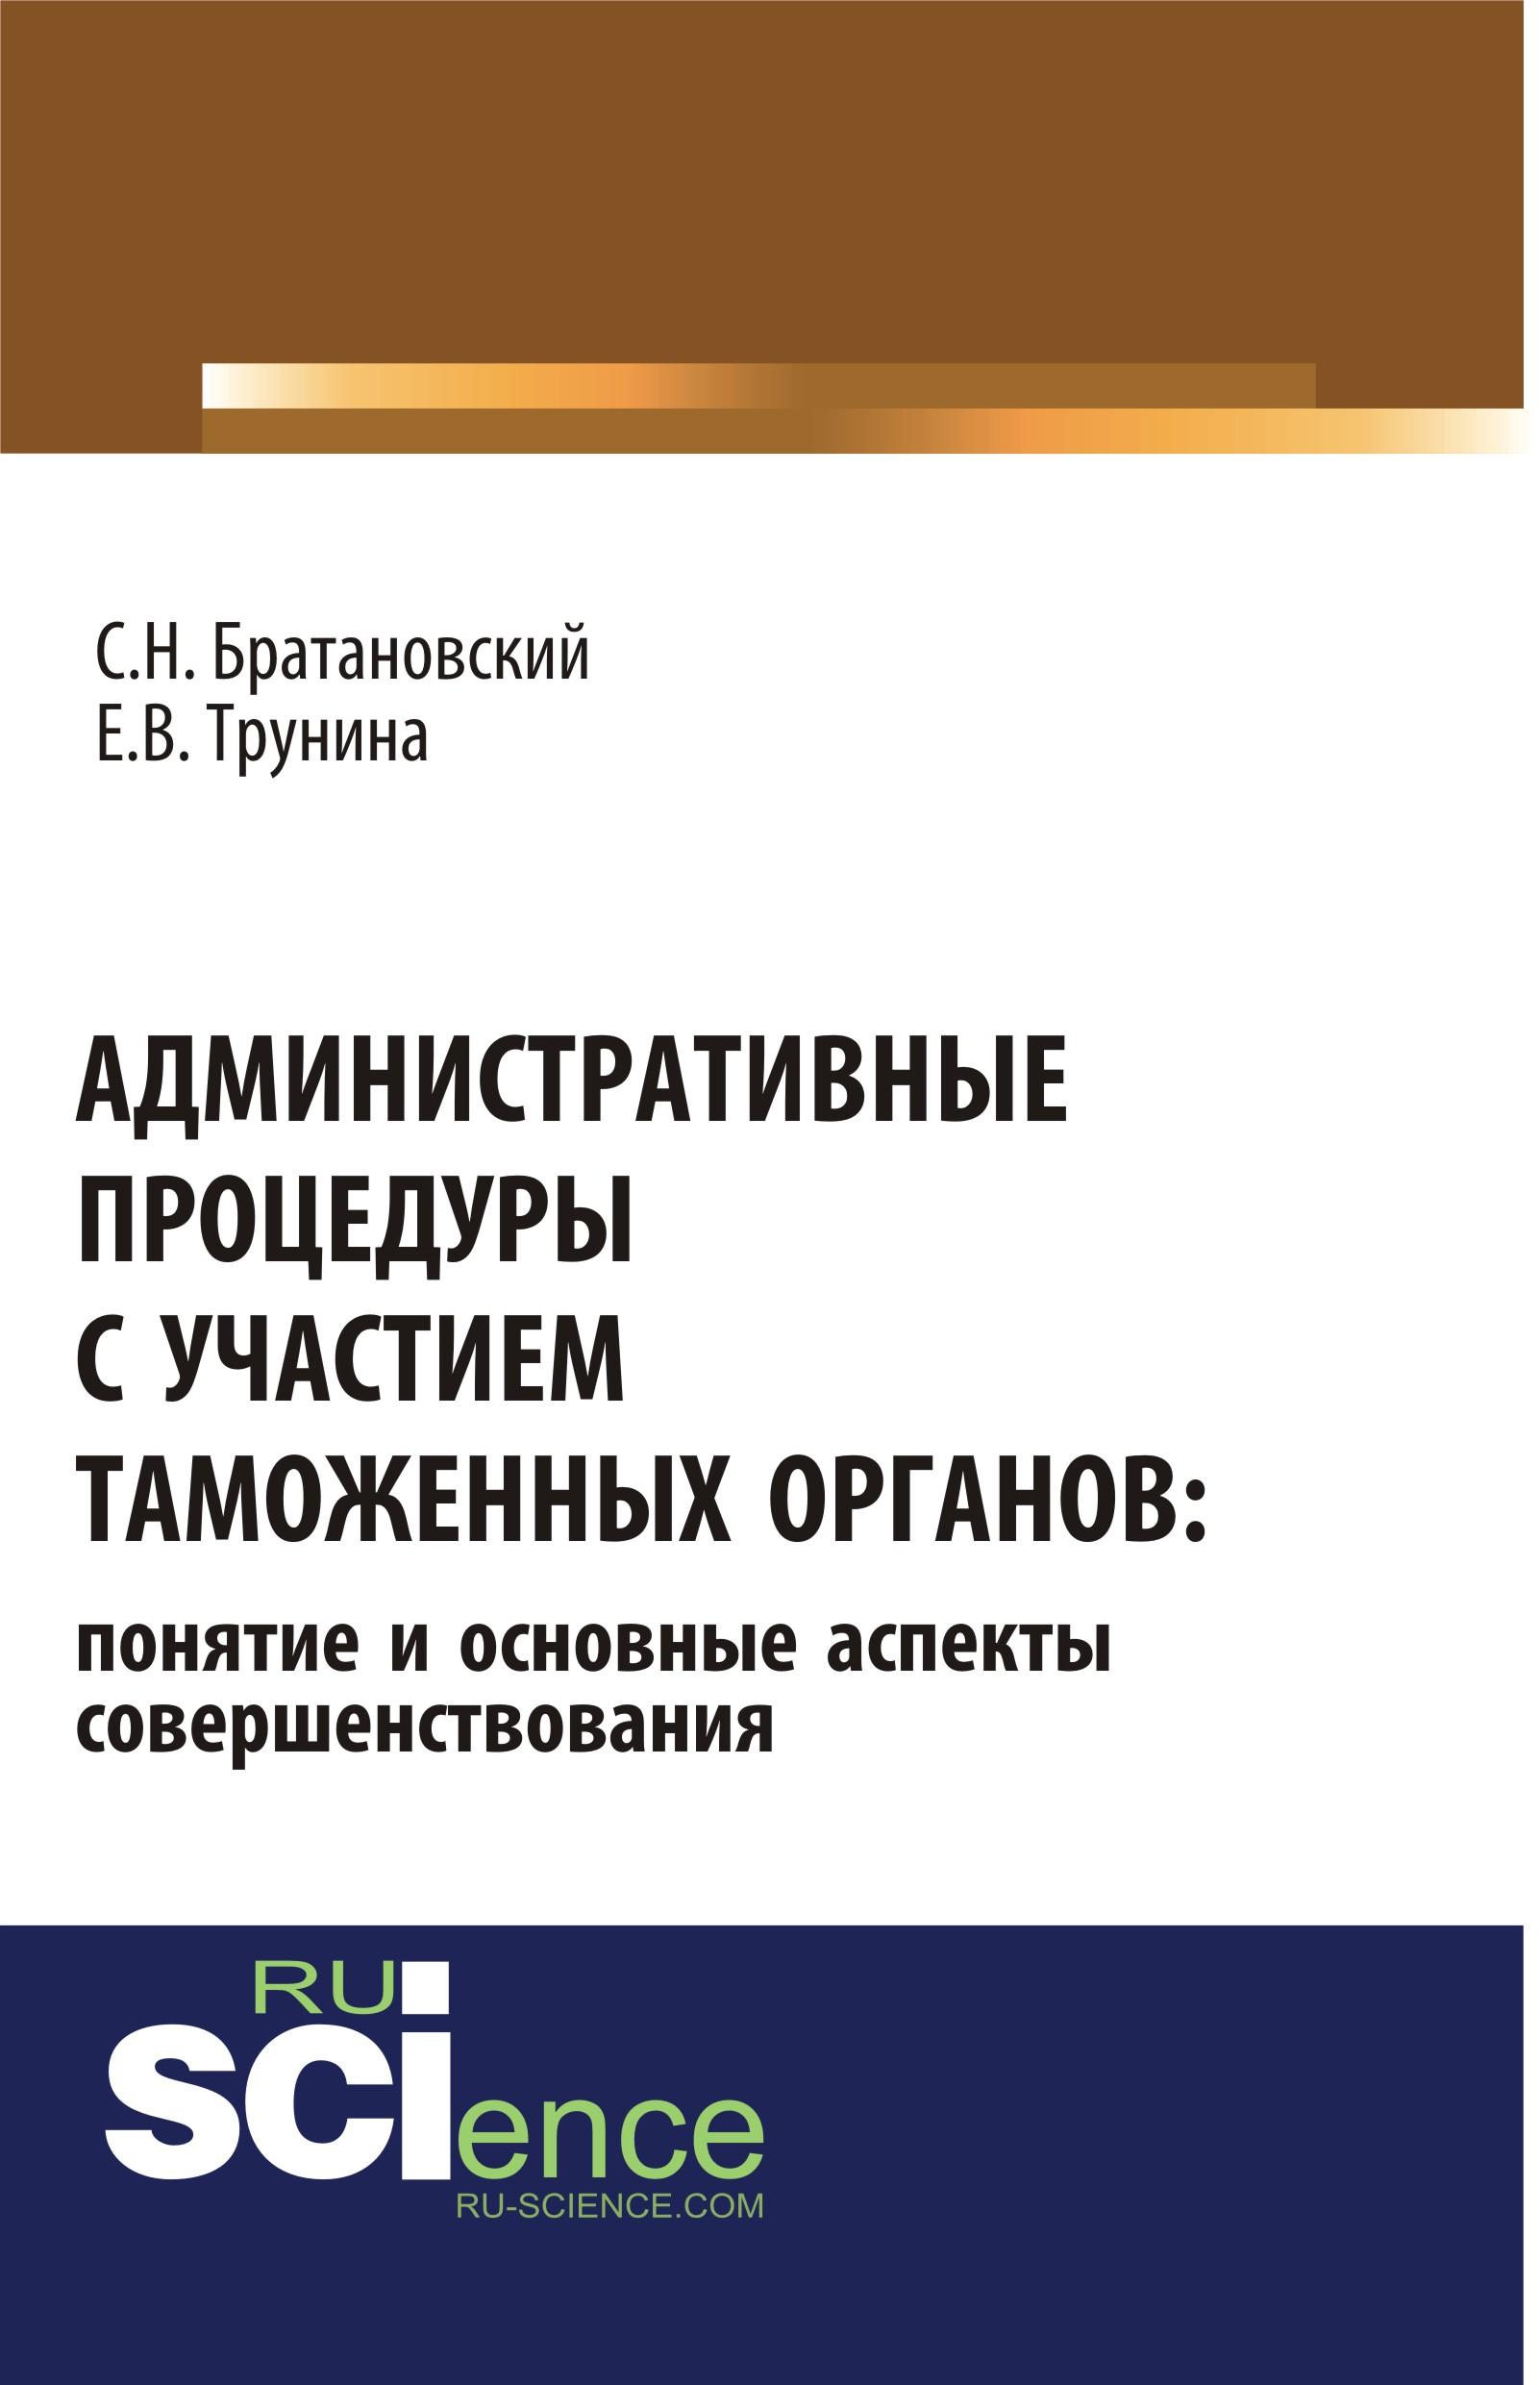 Сергей Братановский Административные процедуры с участием таможенных органов: понятие и основные аспекты совершенствования